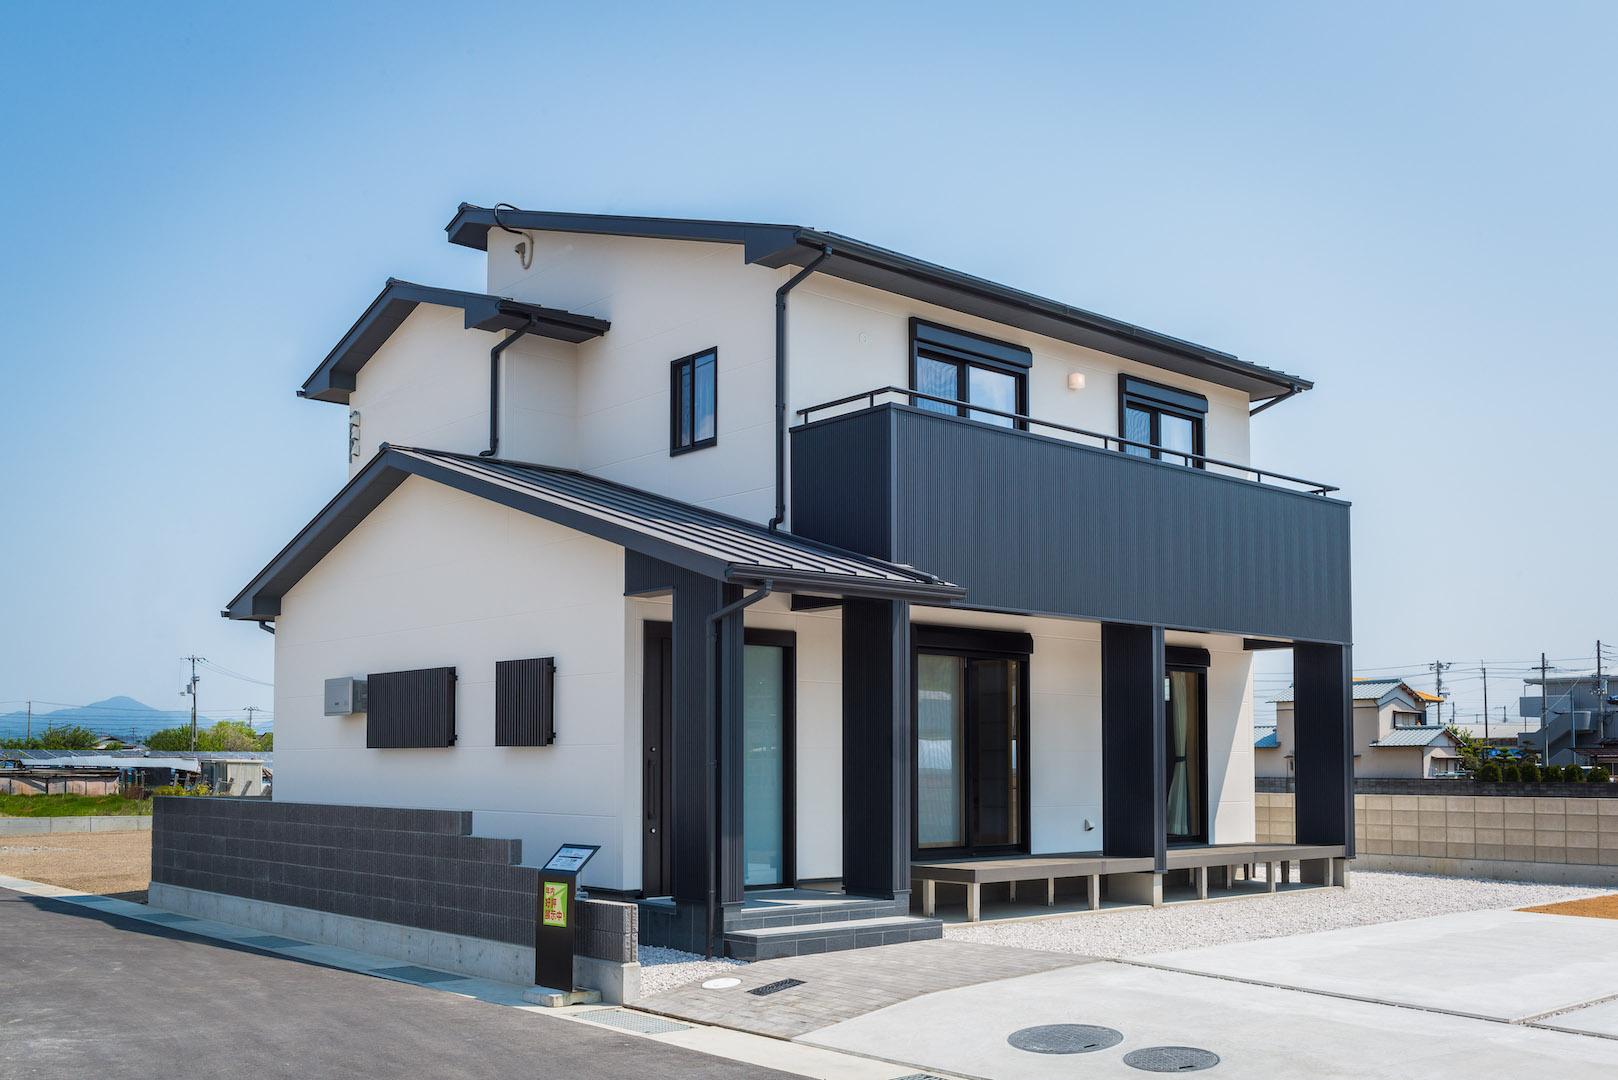 もうチェックしましたか?今家を買いたいなら徳島県名西郡石井町「7つの家ものがたり」へ